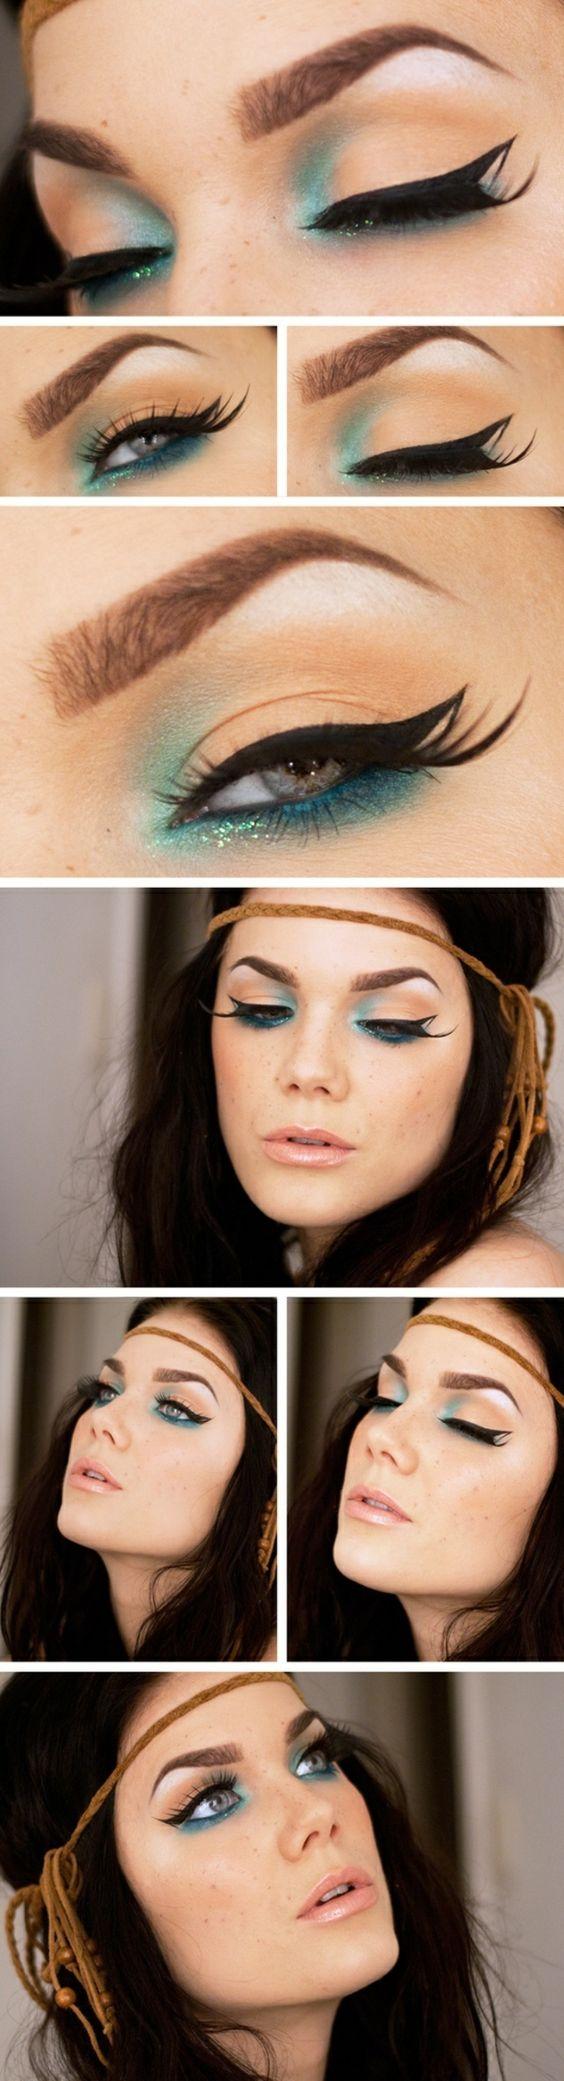 Maquillage de soirée intéressant